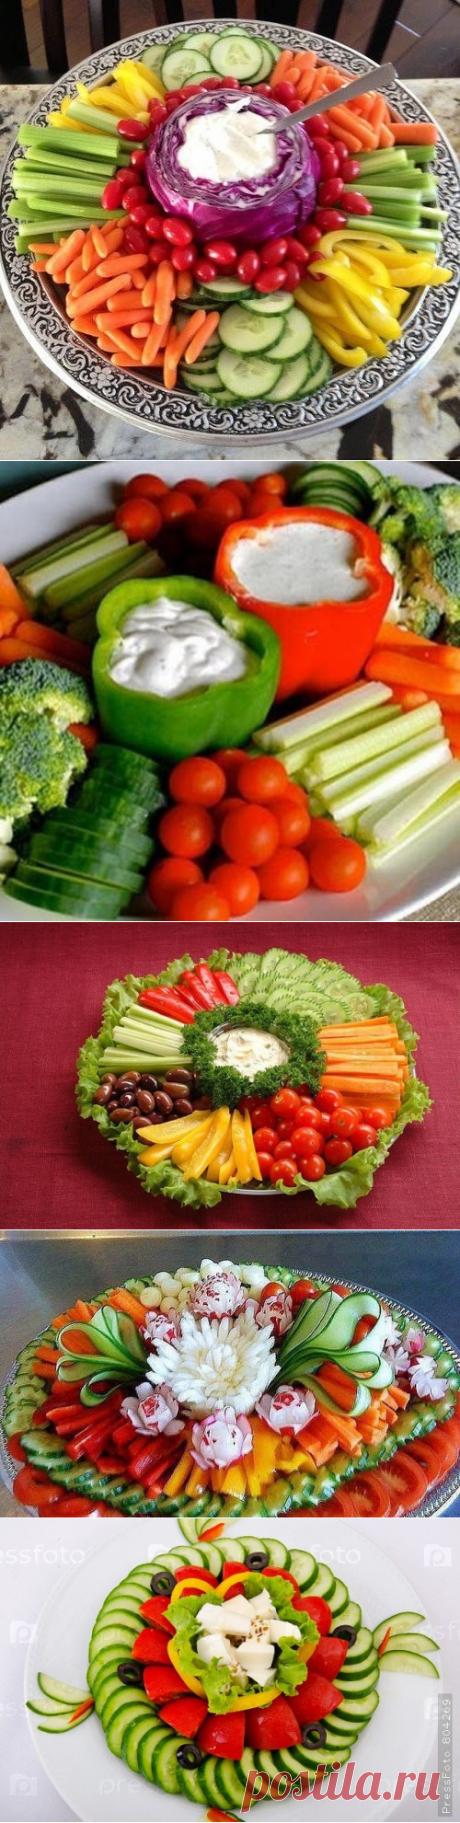 Идеи оформления овощных тарелок.